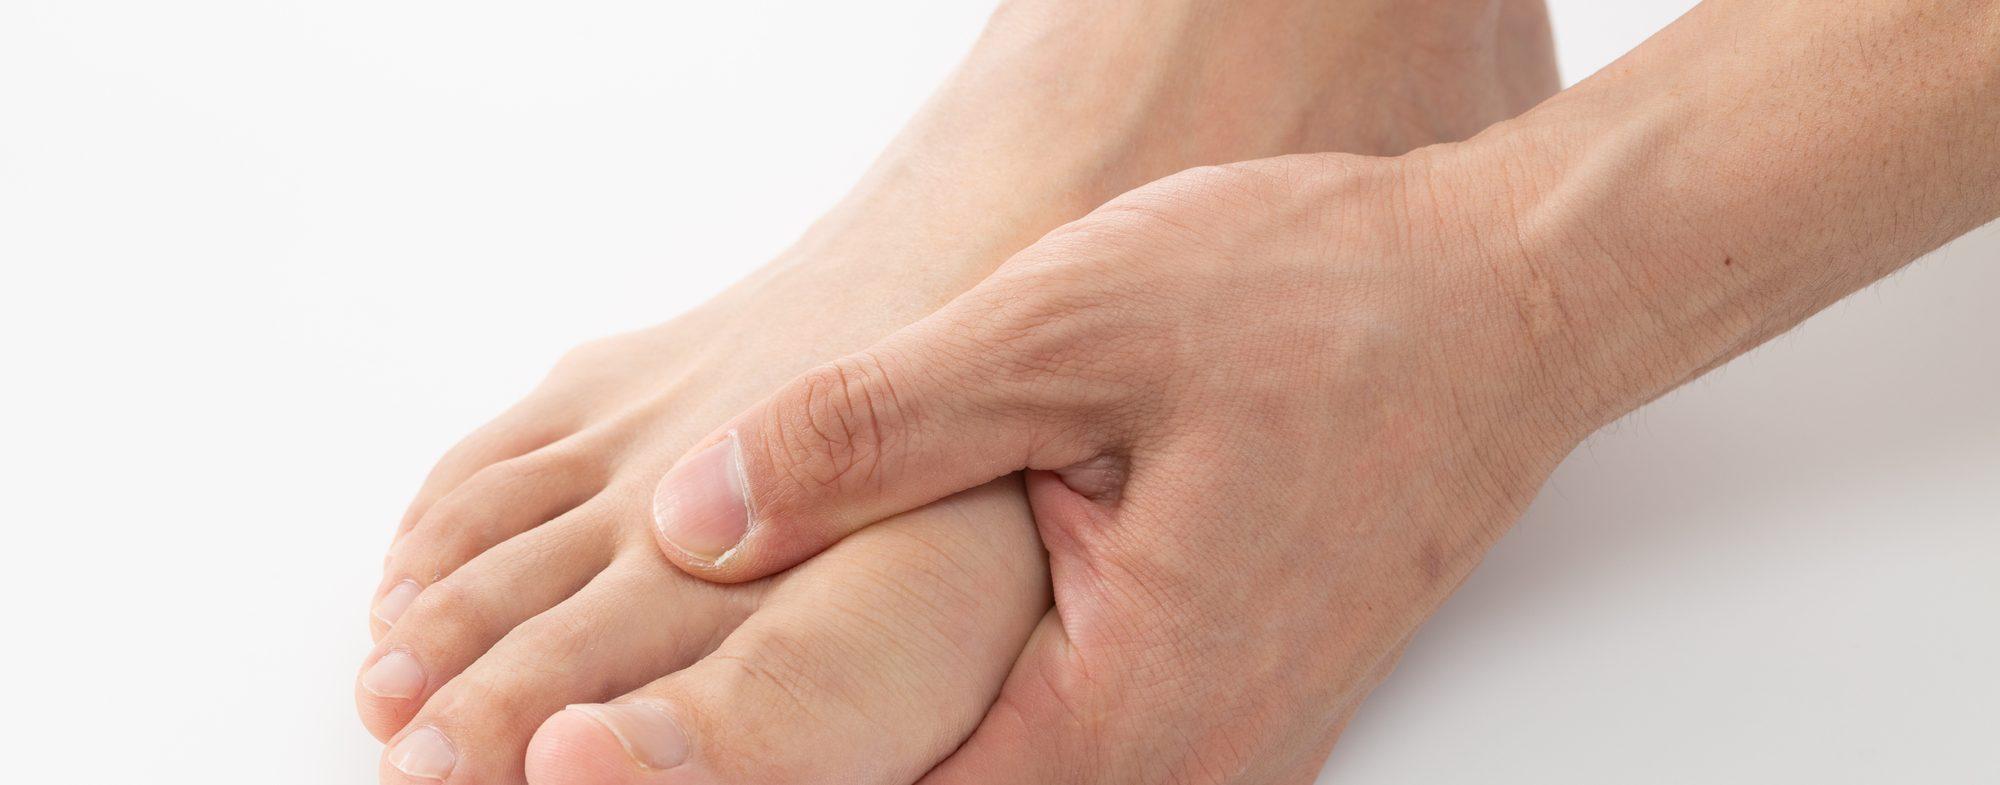 横浜市で外反母趾のご相談は、ひよし鍼灸院センター接骨院へ